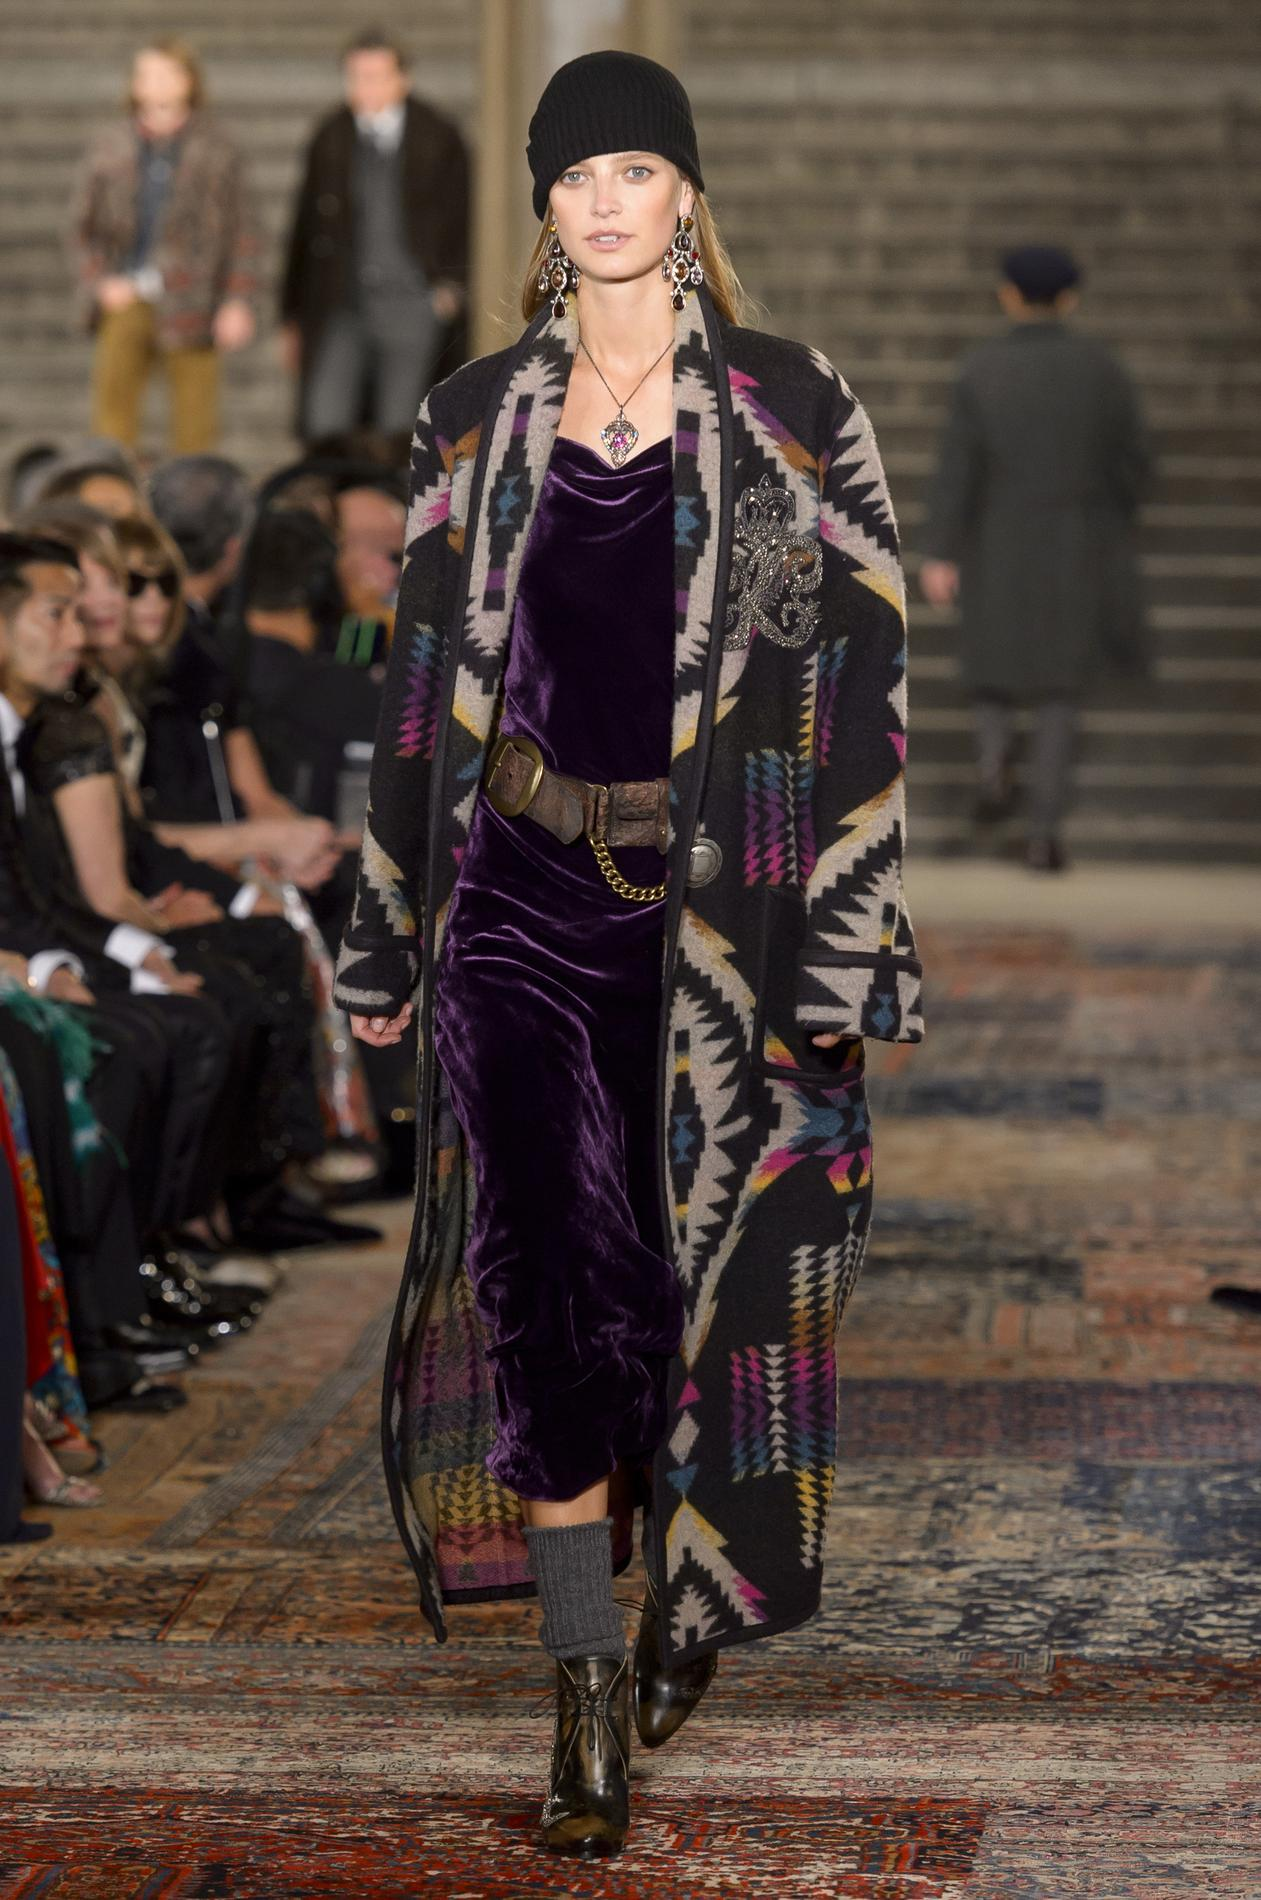 Défilé Ralph Lauren automne-hiver 2018-2019, New York - Look 56. Défilé  Ralph Lauren automne-hiver 2018-2019, New York ... cb3cc27cf0c